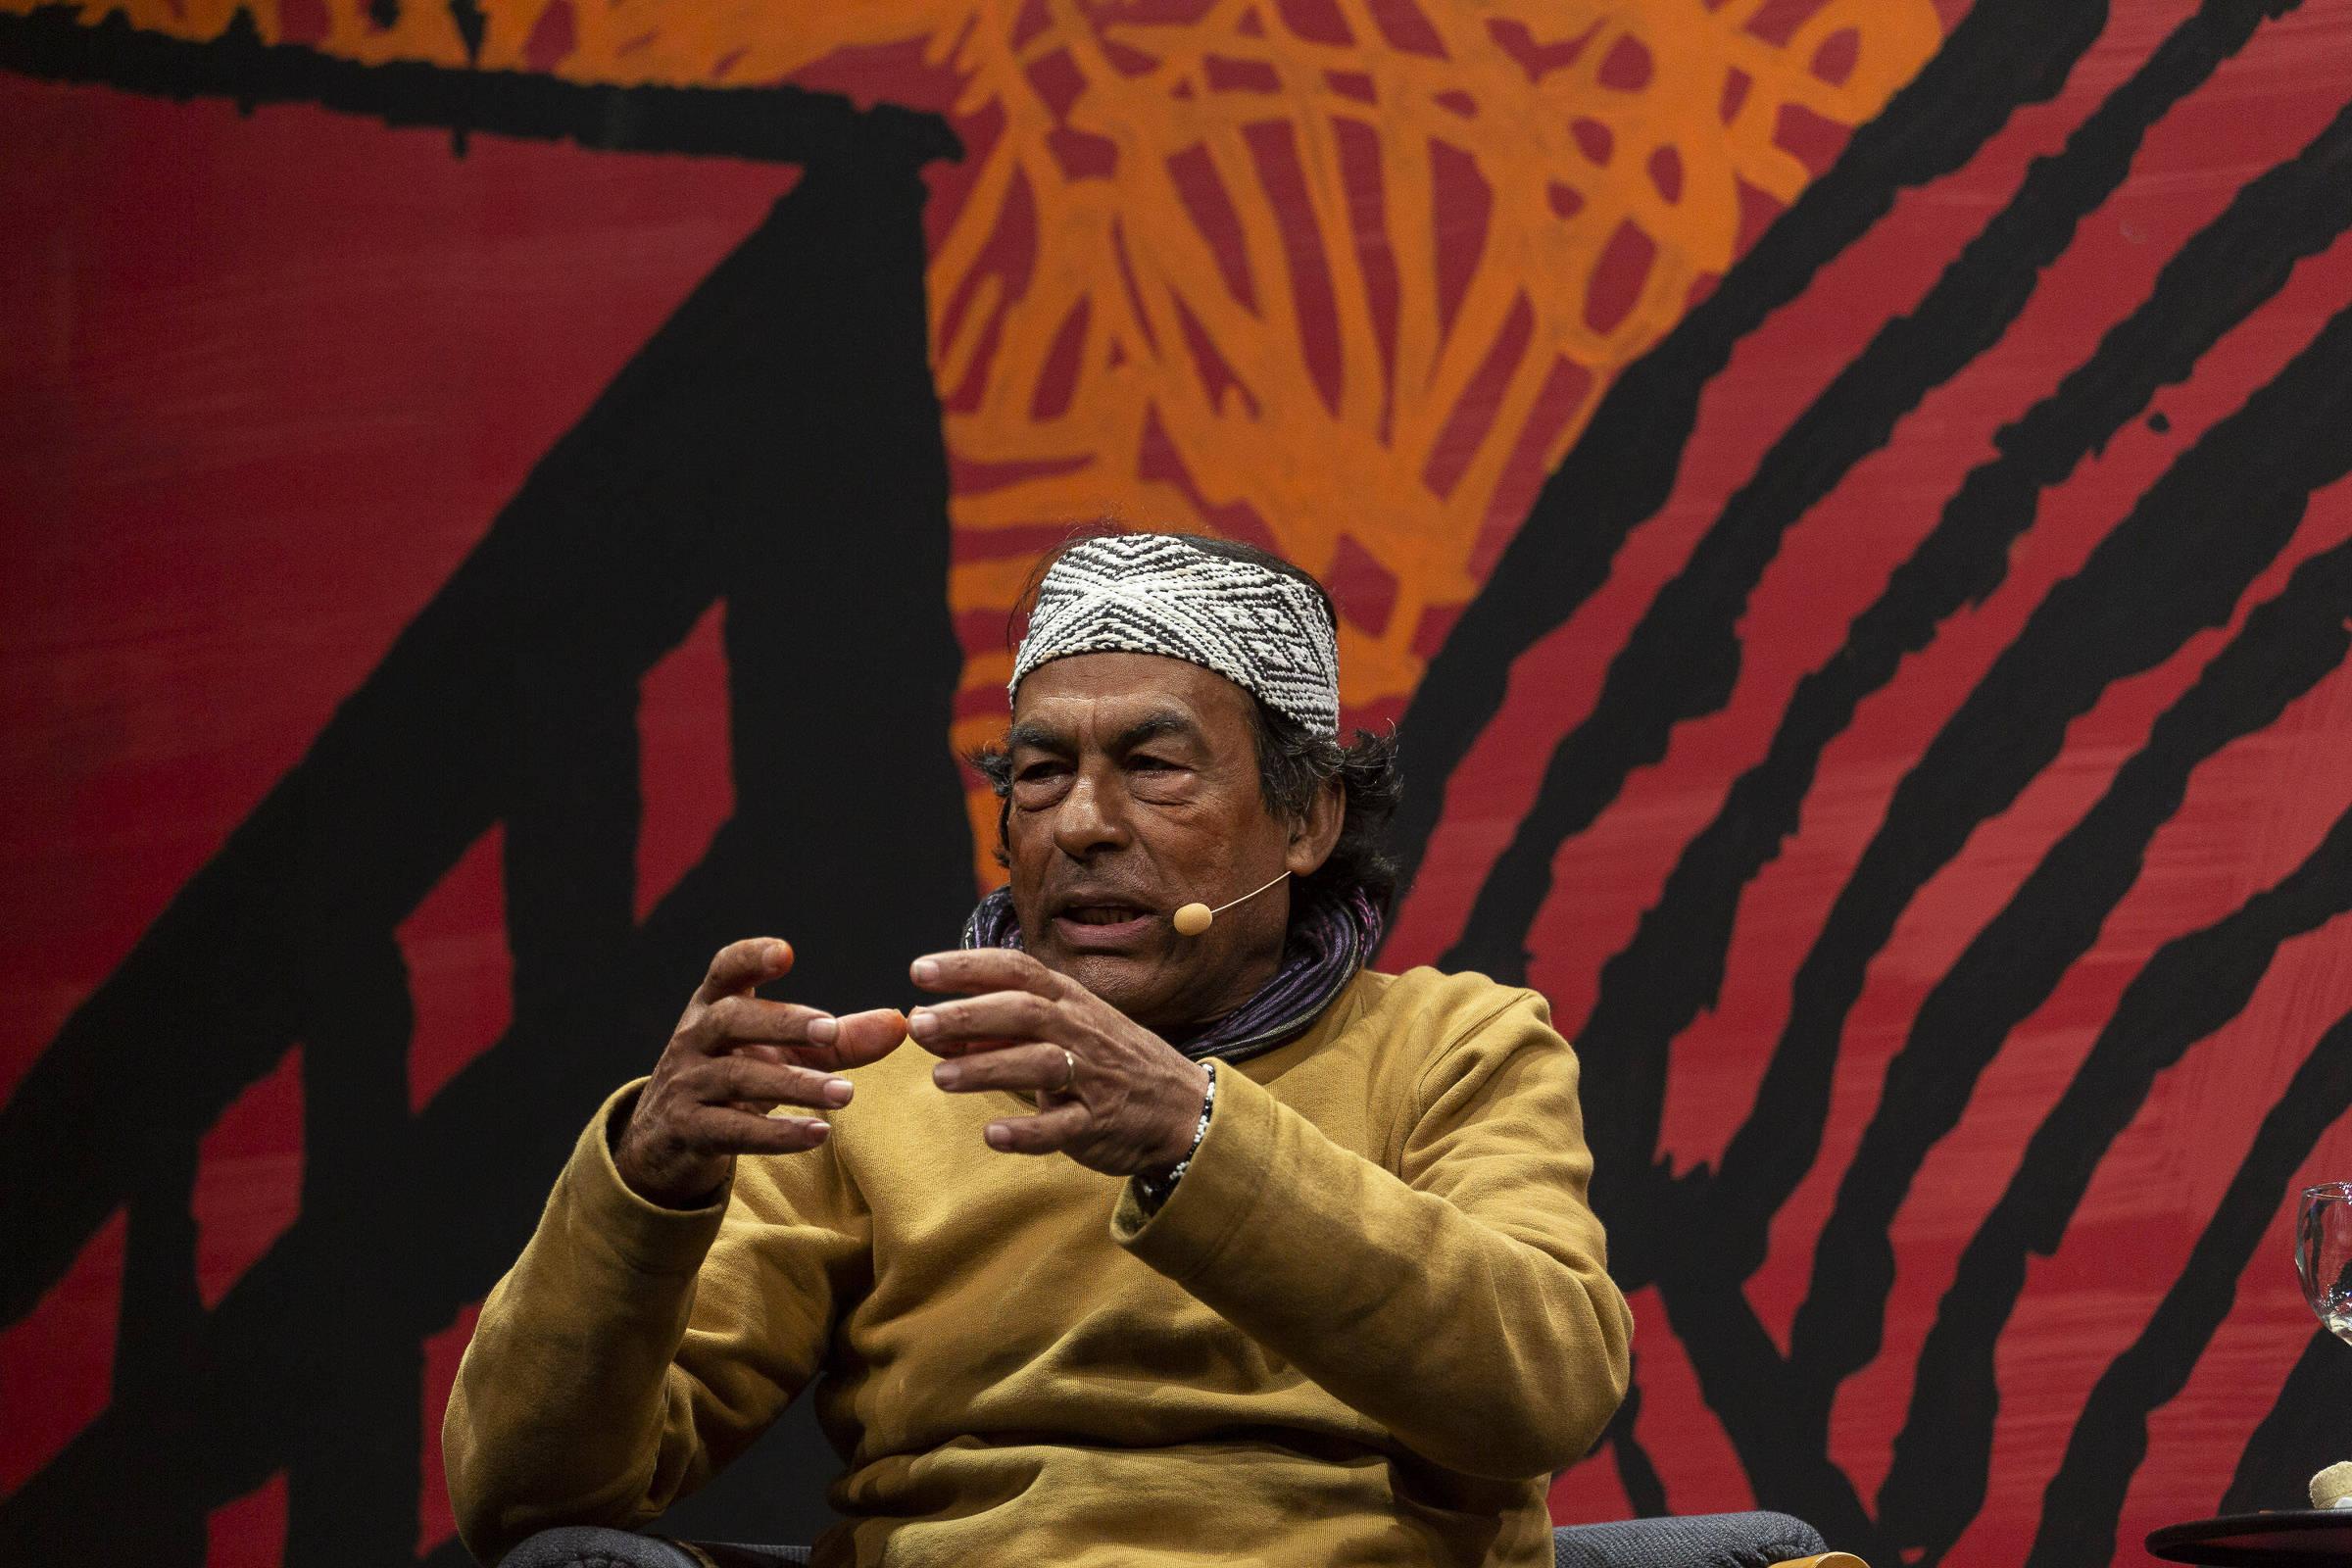 Líder indígena critica Bolsonaro por propostas sobre mineração